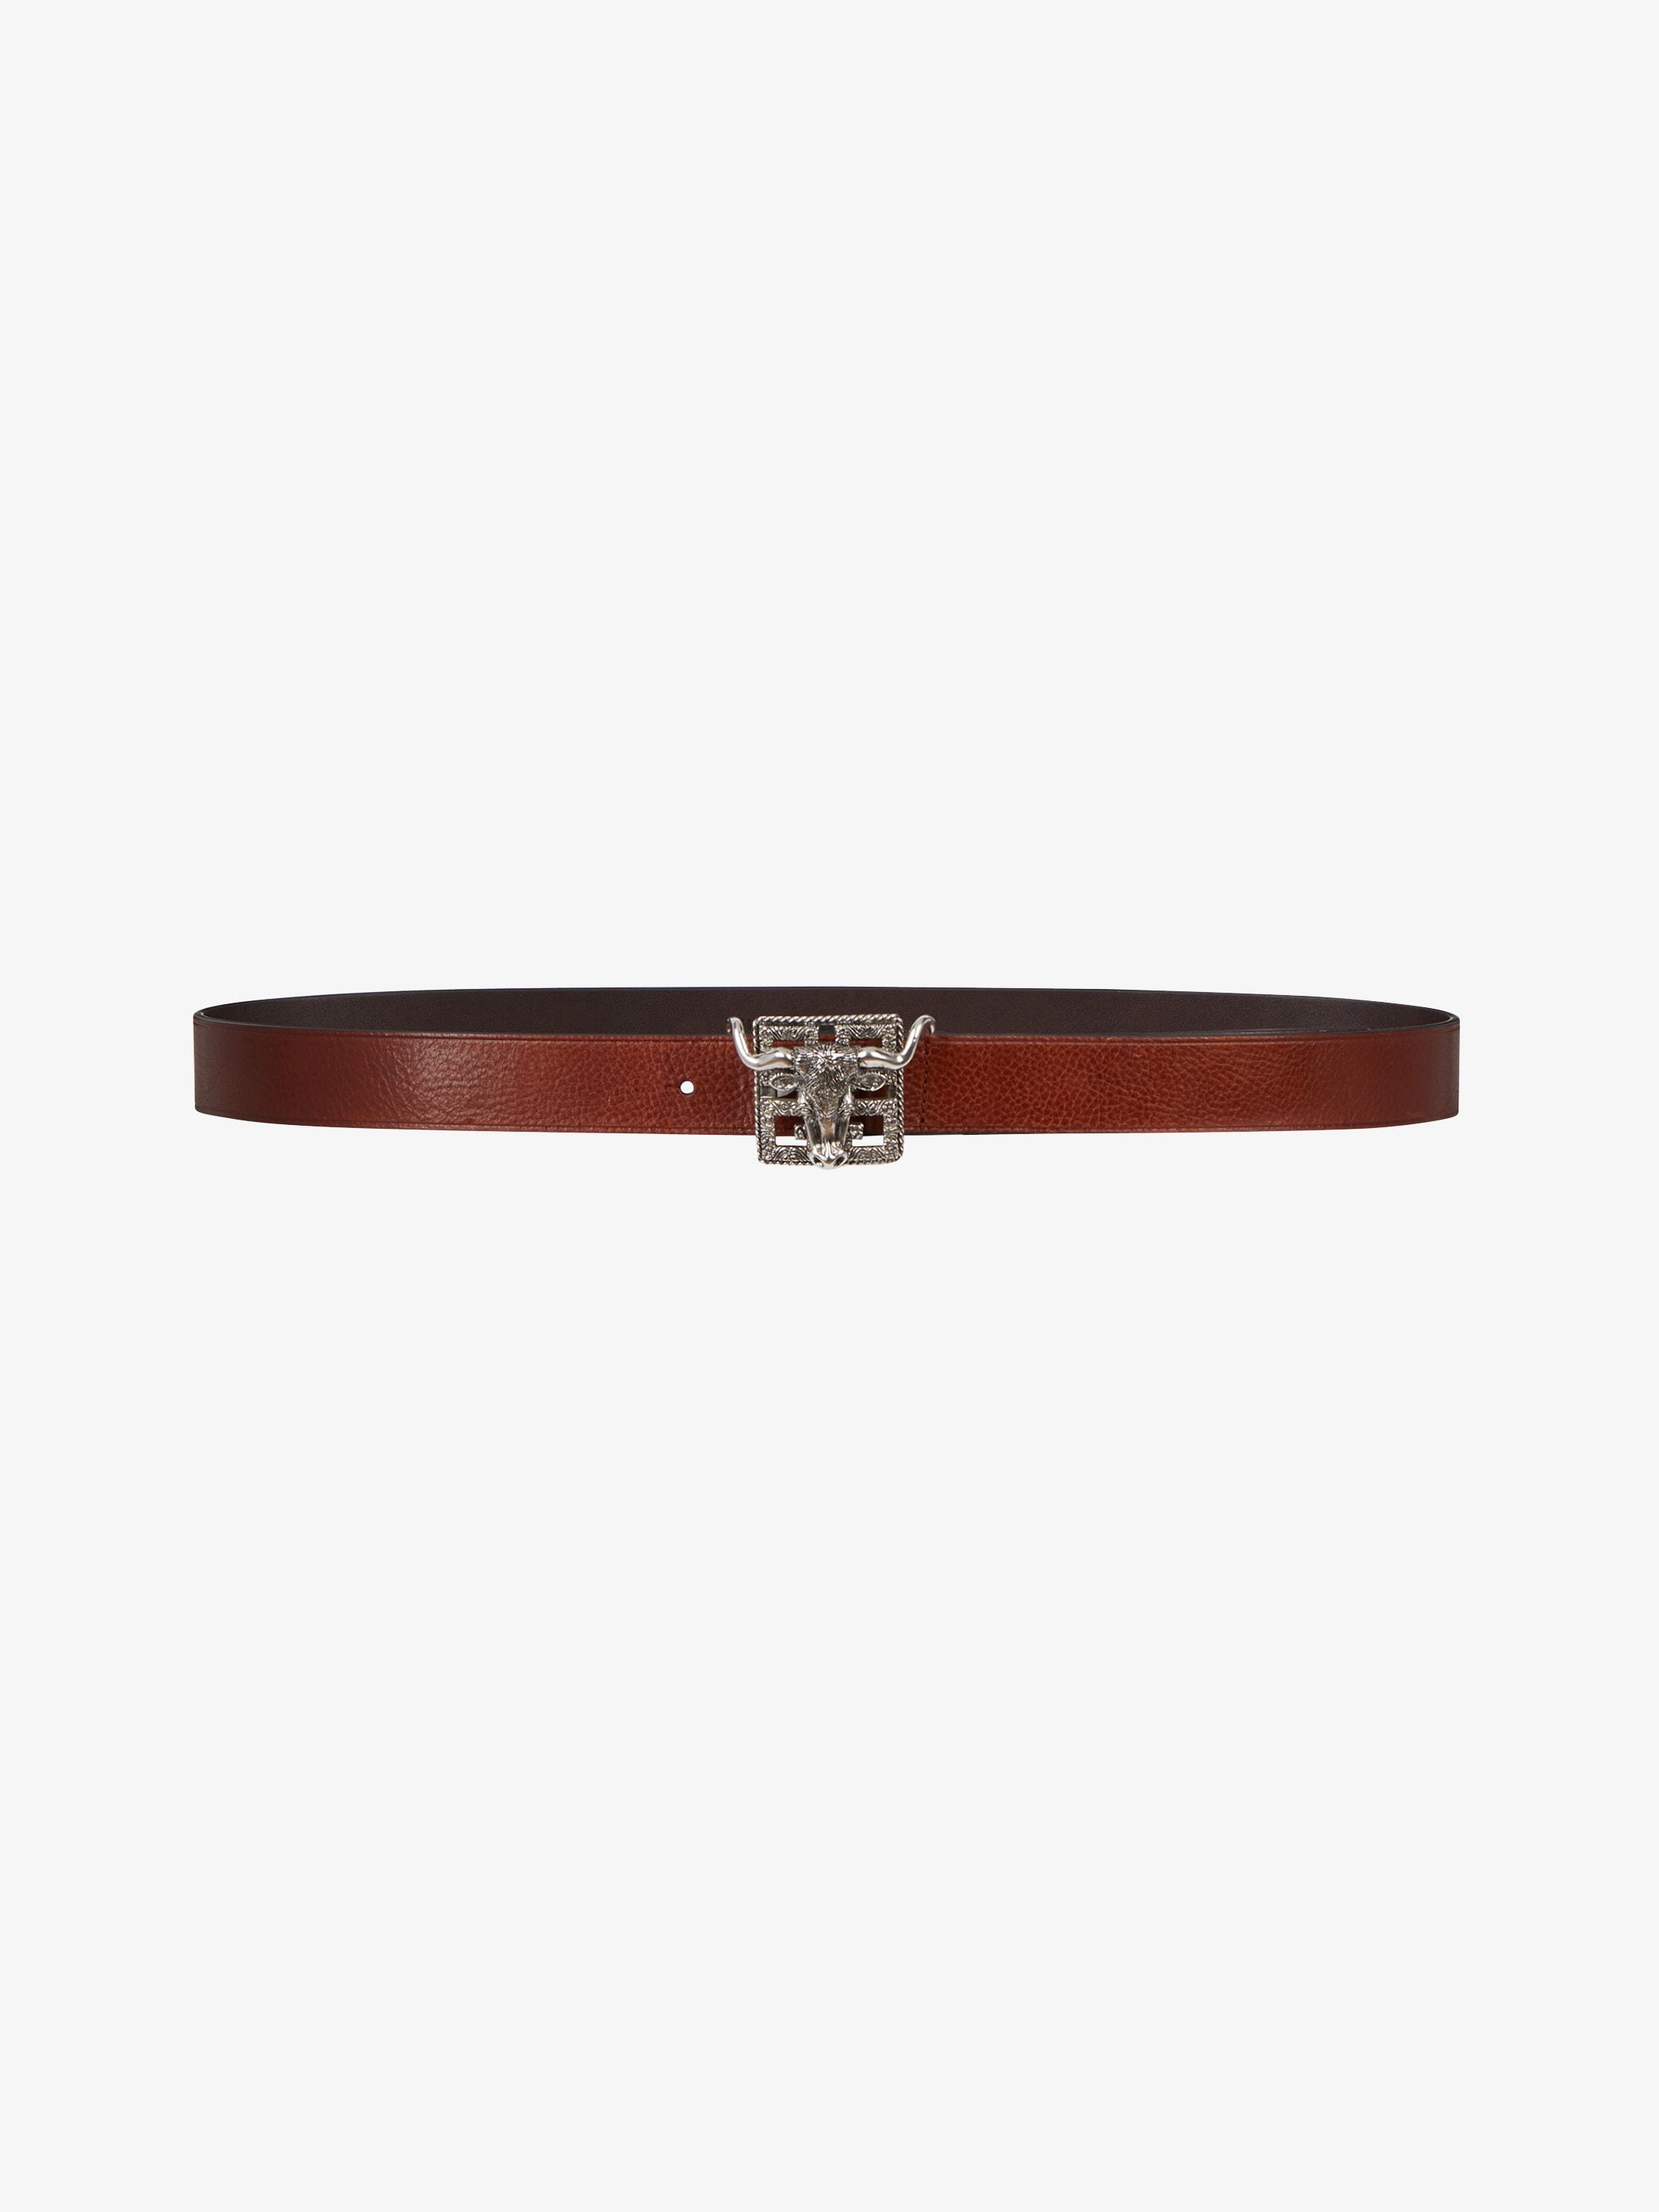 4G bull buckle belt